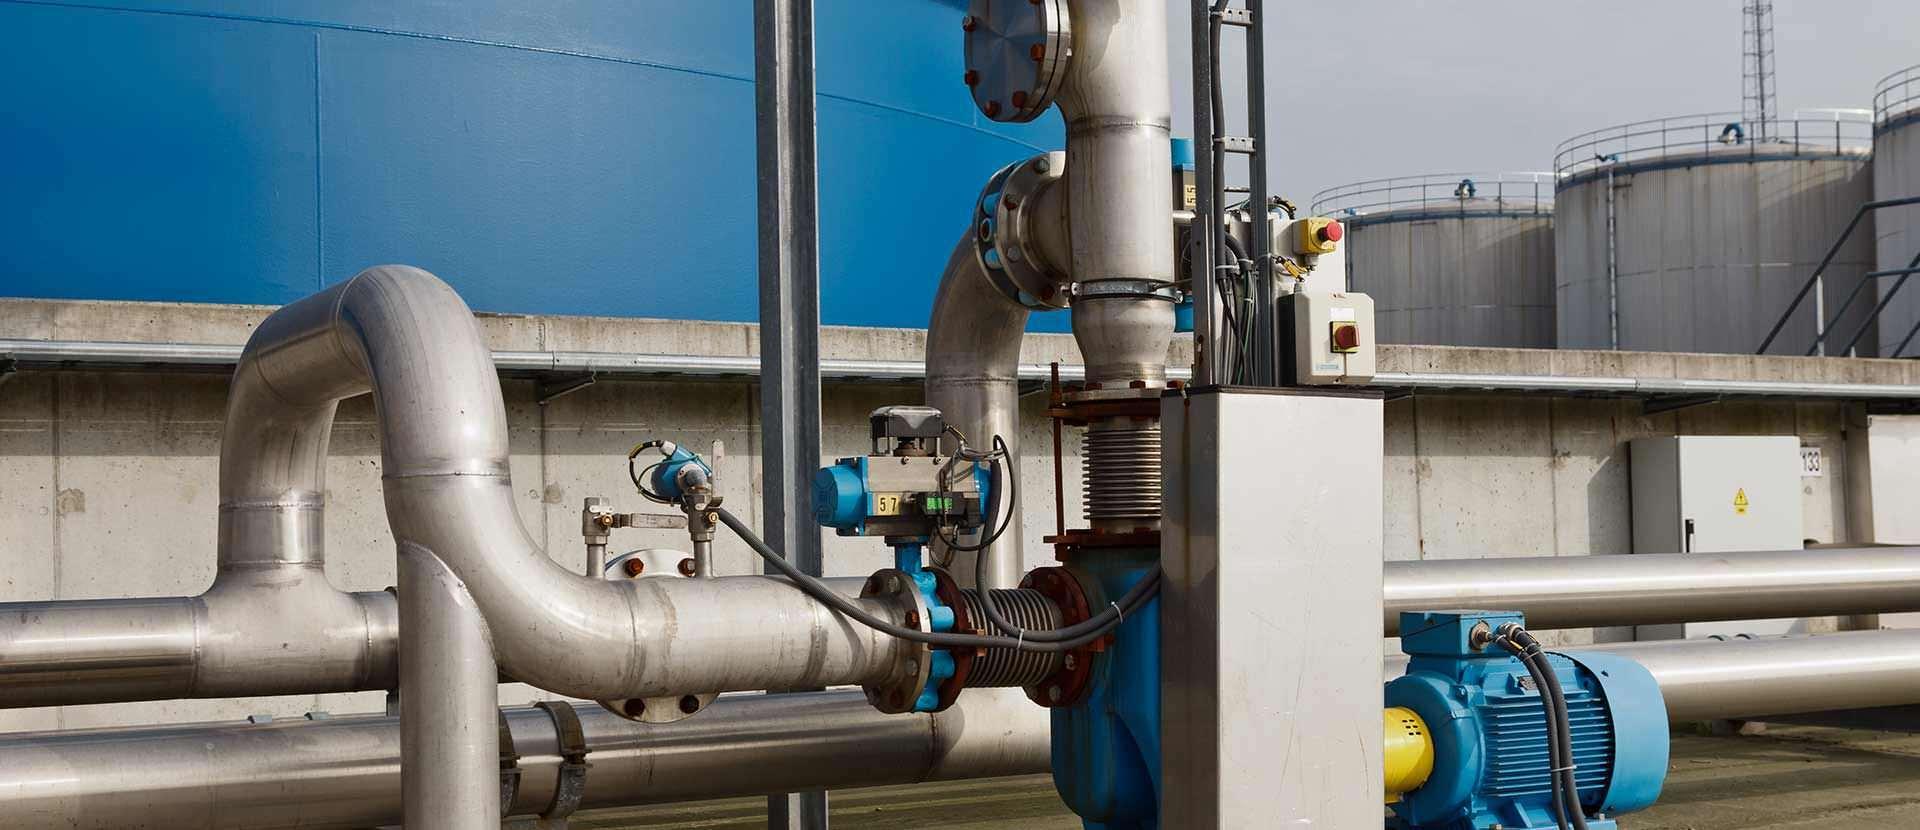 High pressure pump connectors